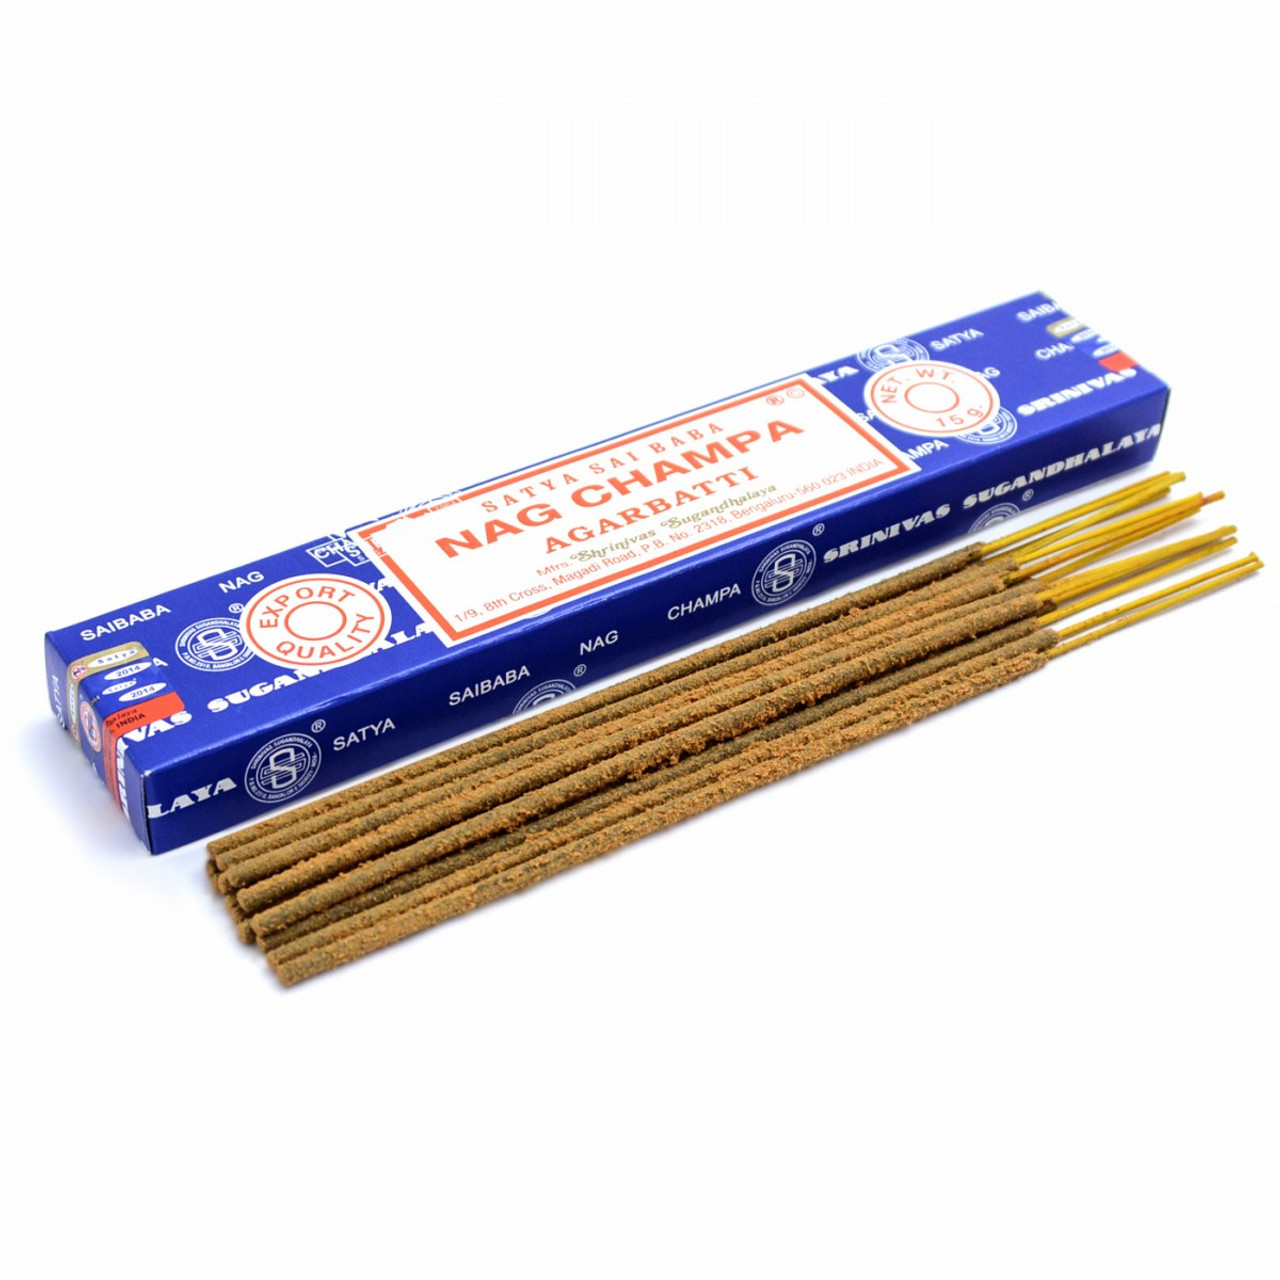 Sai Baba Nag Champa Agarbatti Satya Incense Sticks